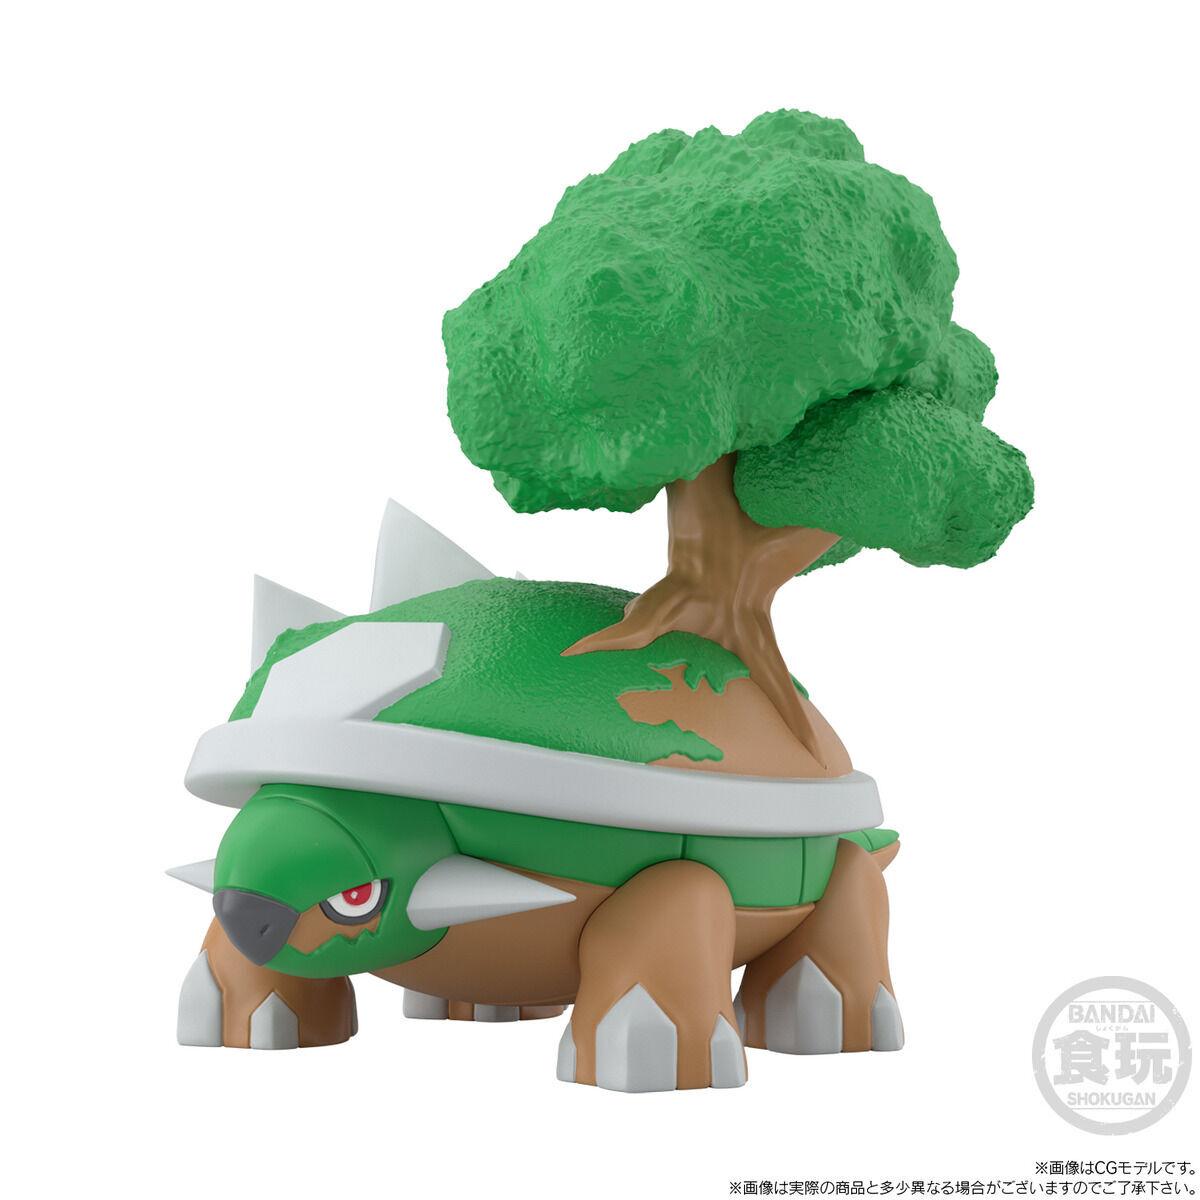 Gardenia Pokémon